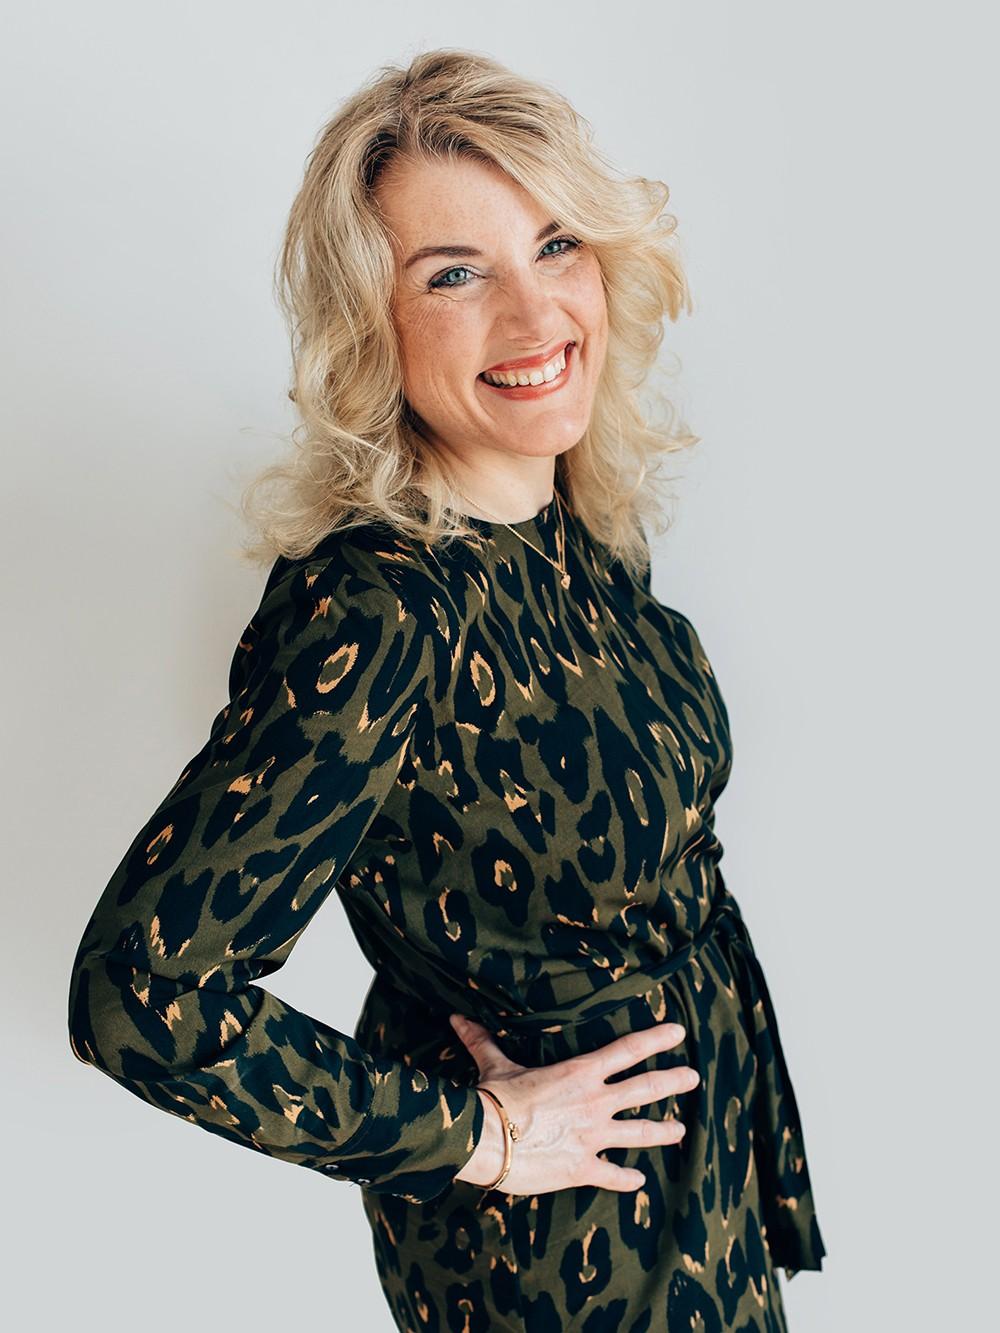 gelukkig lachend blonde vrouw portret met witte achtergrond en wind in haar haar voor professionele personal branding